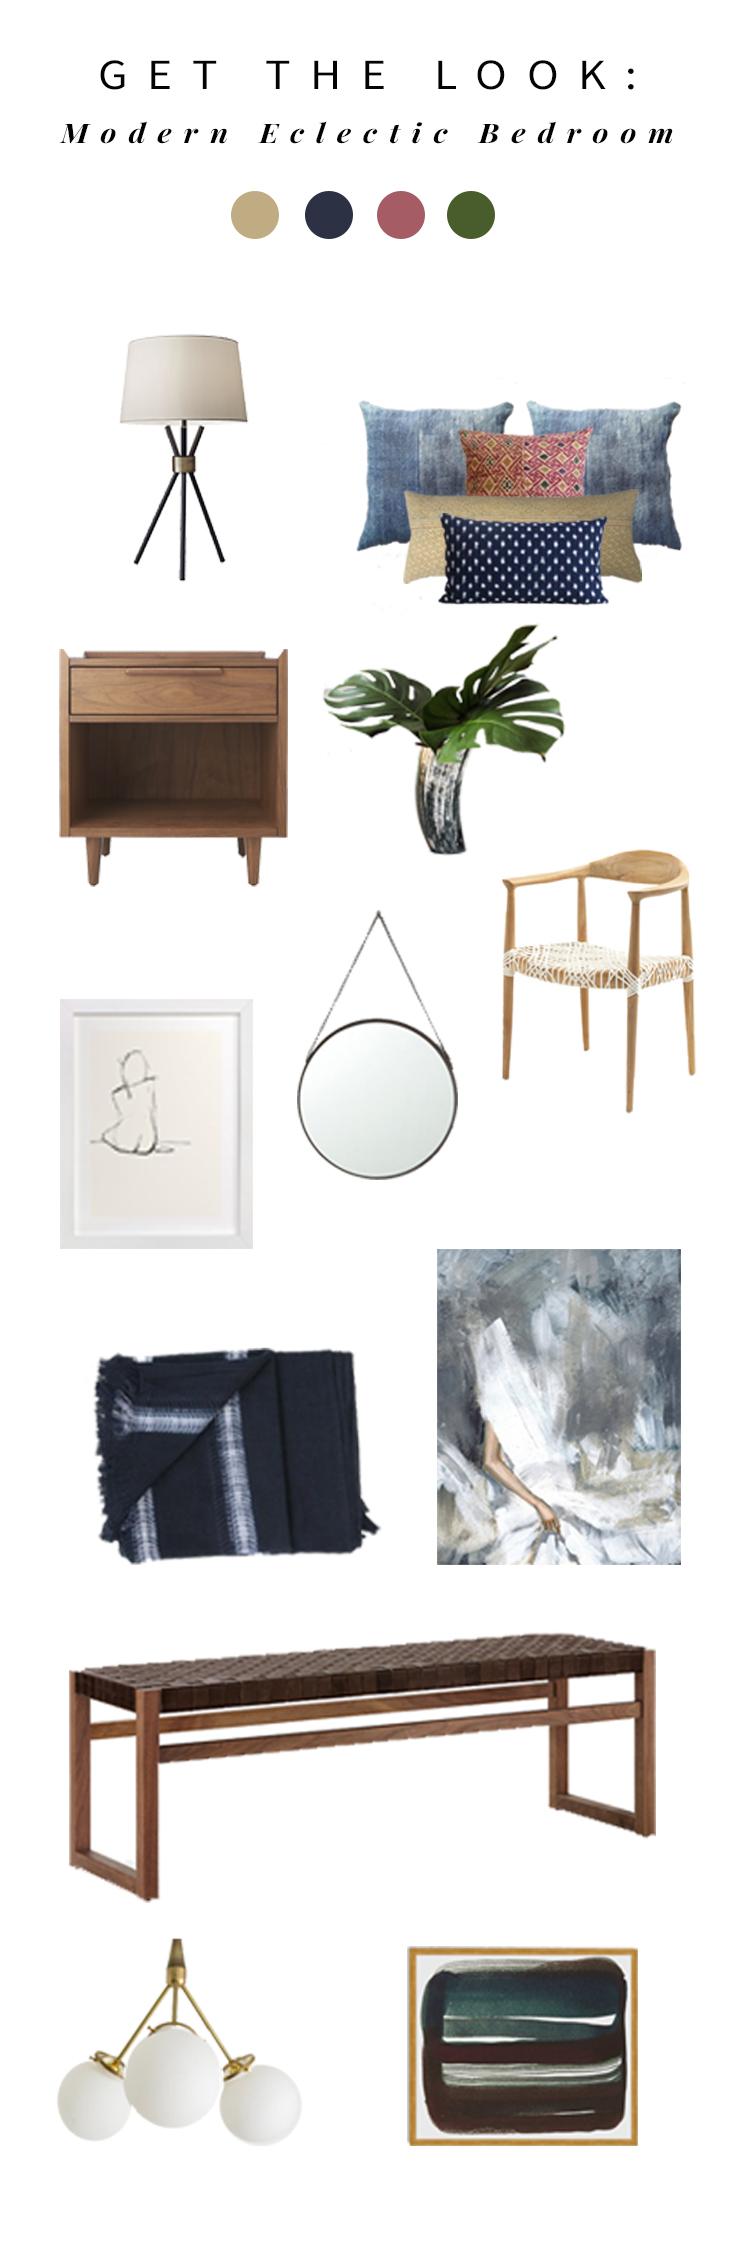 Get the Look - Modern Eclectic Bedroom